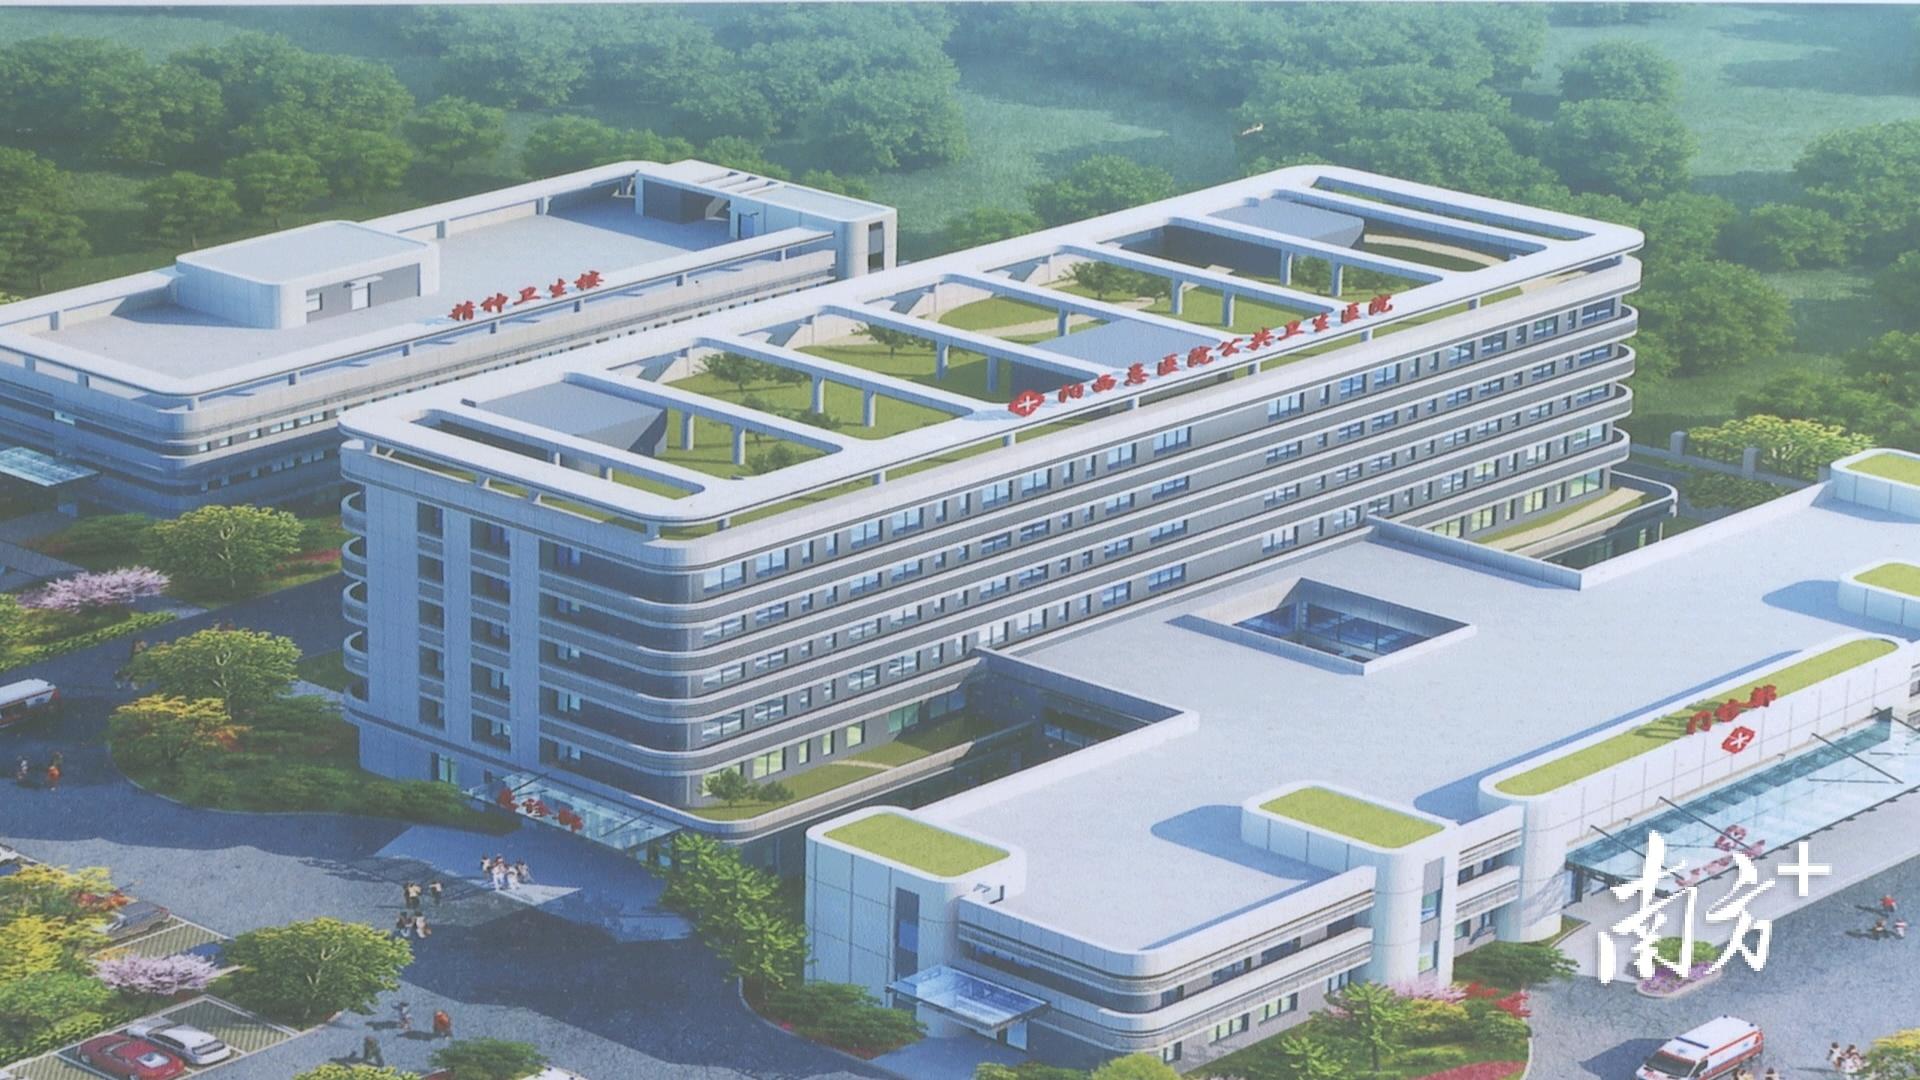 阳西总医院公共卫生医院项目效果图。资料图片